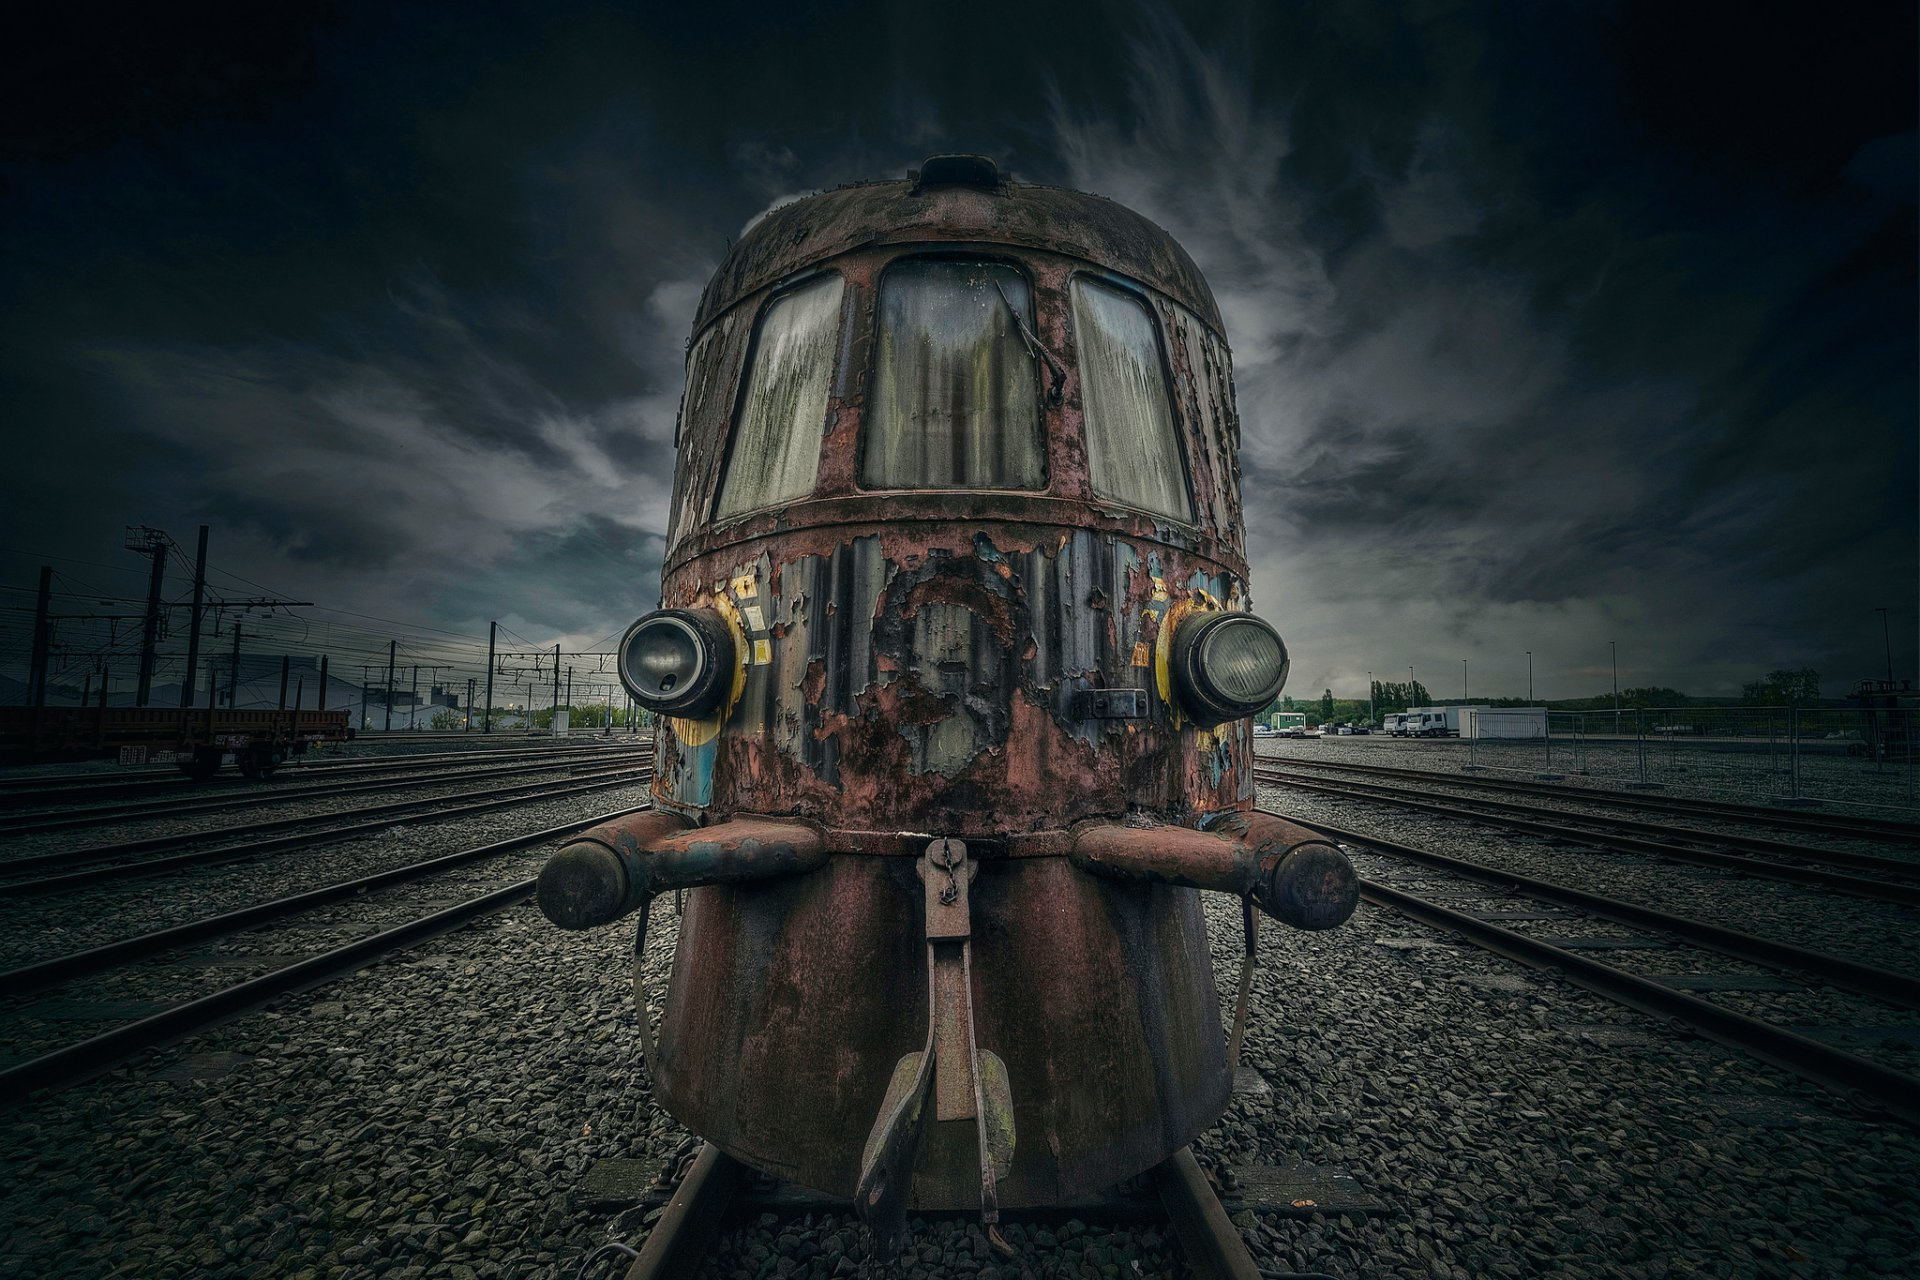 вам стыдно фото поездов для авы догадаться